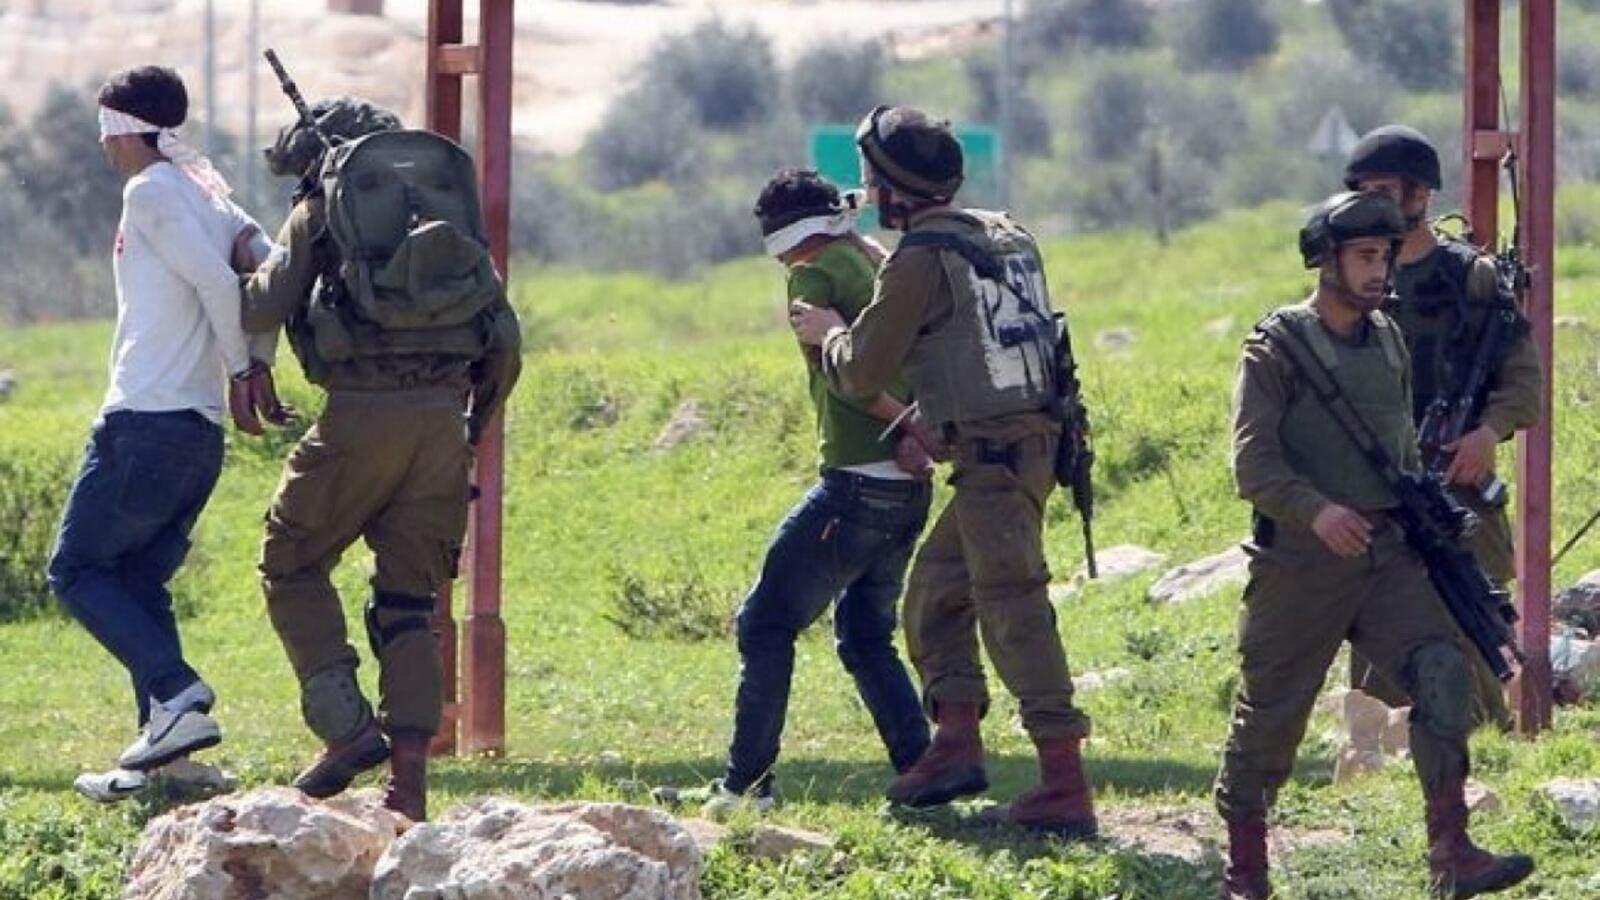 قوات الاحتلال تعتقل 14 فلسطينياً من الضفة بينهم محررون وأشقاء